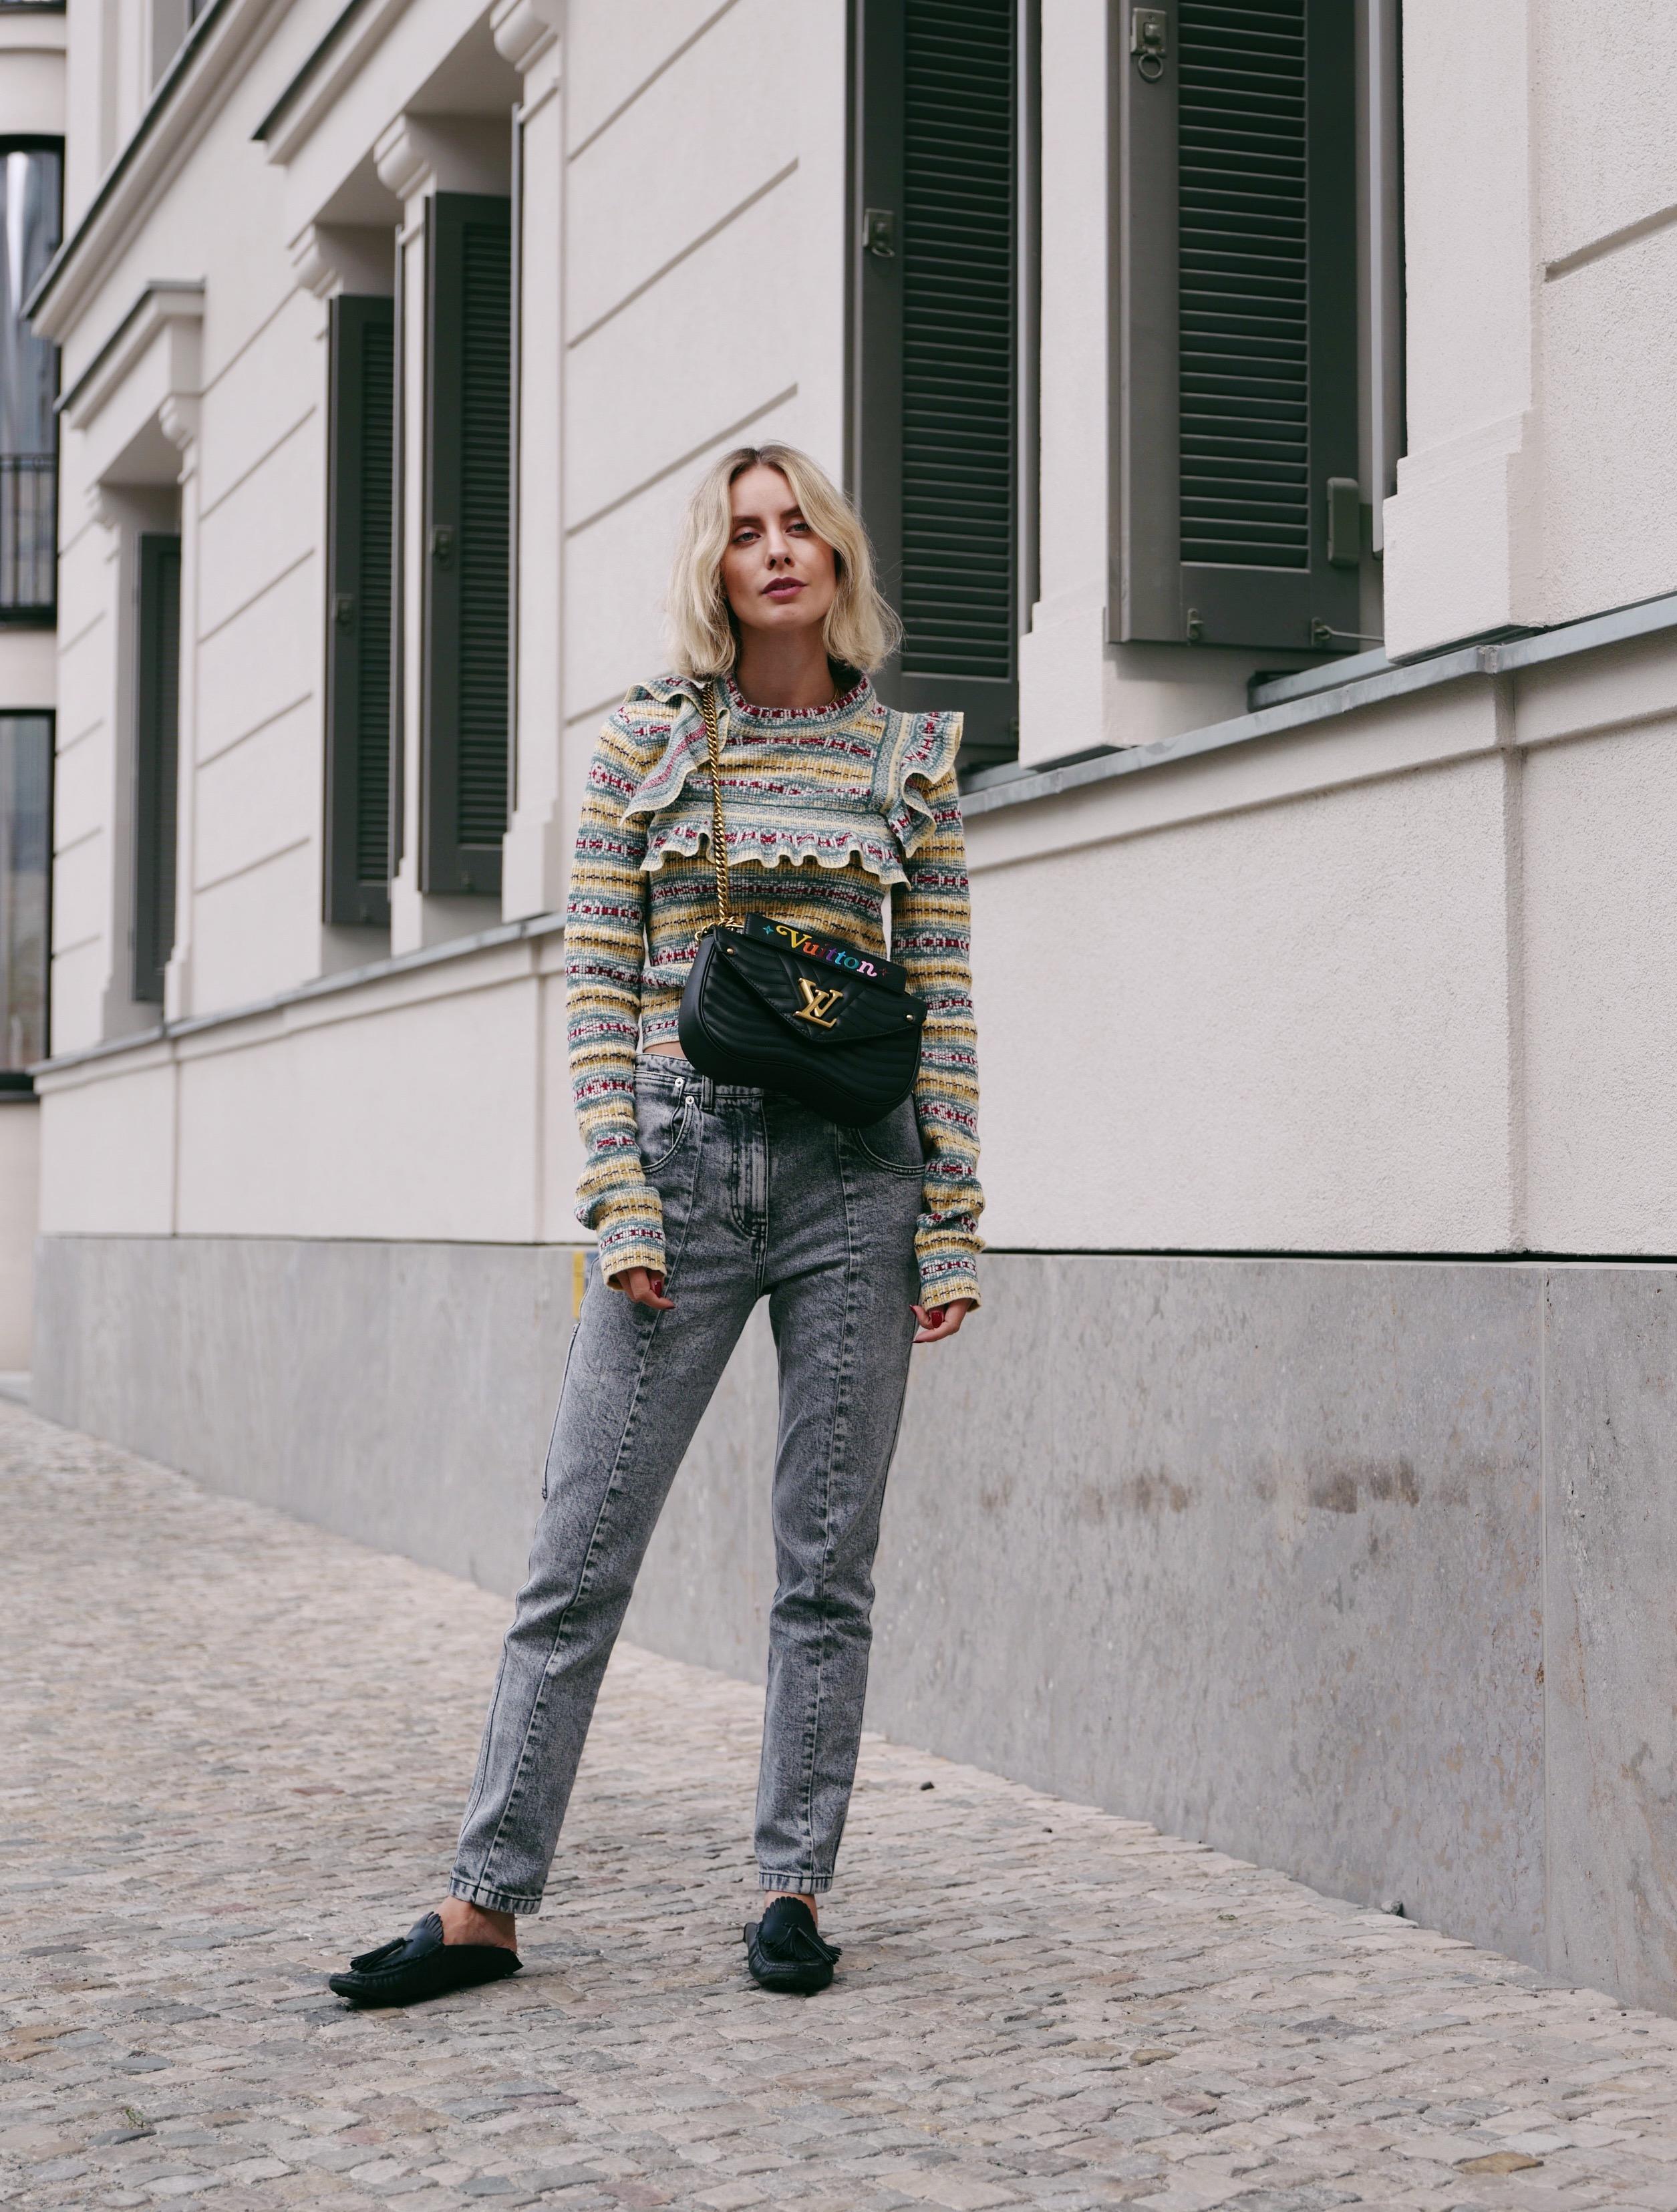 10fc4e54a8d0 Louis Vuitton New Wave - Lisa Hahnbück - lifestyle